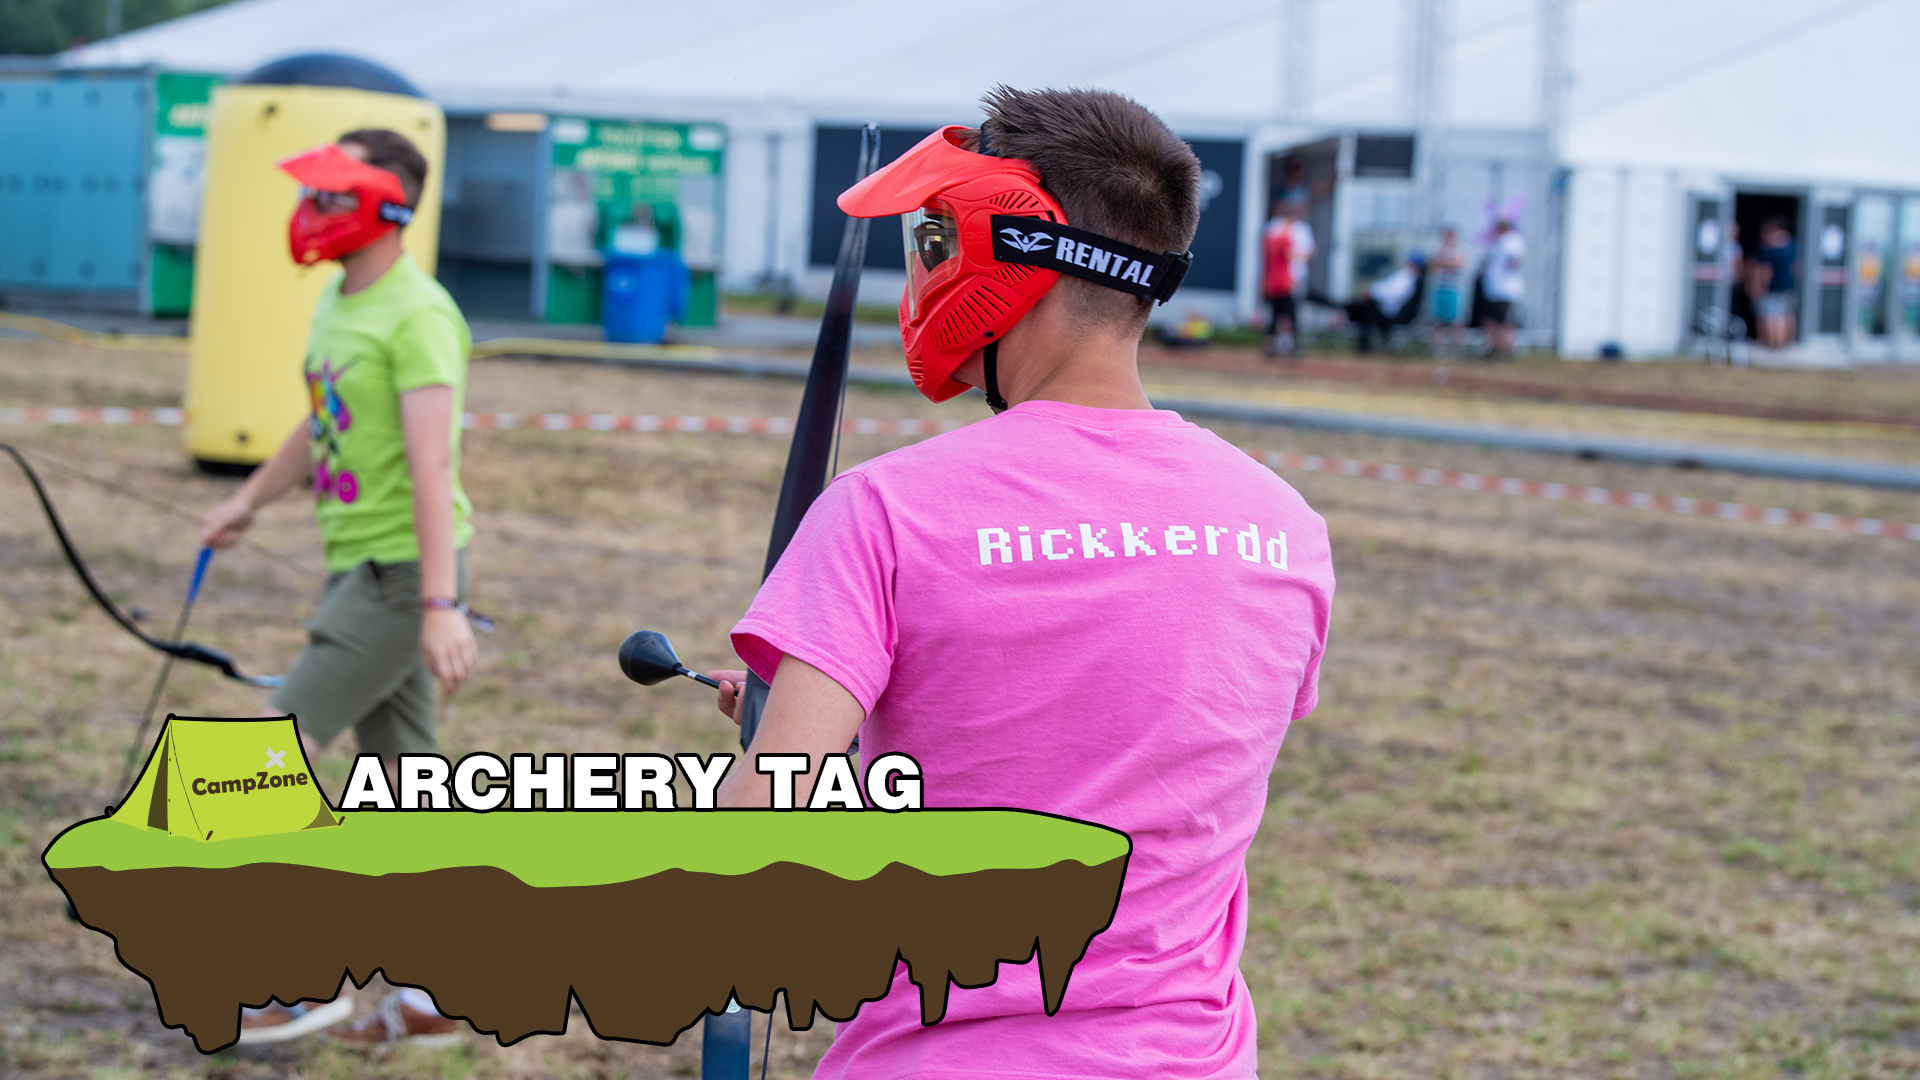 14.00 - Archery Tag